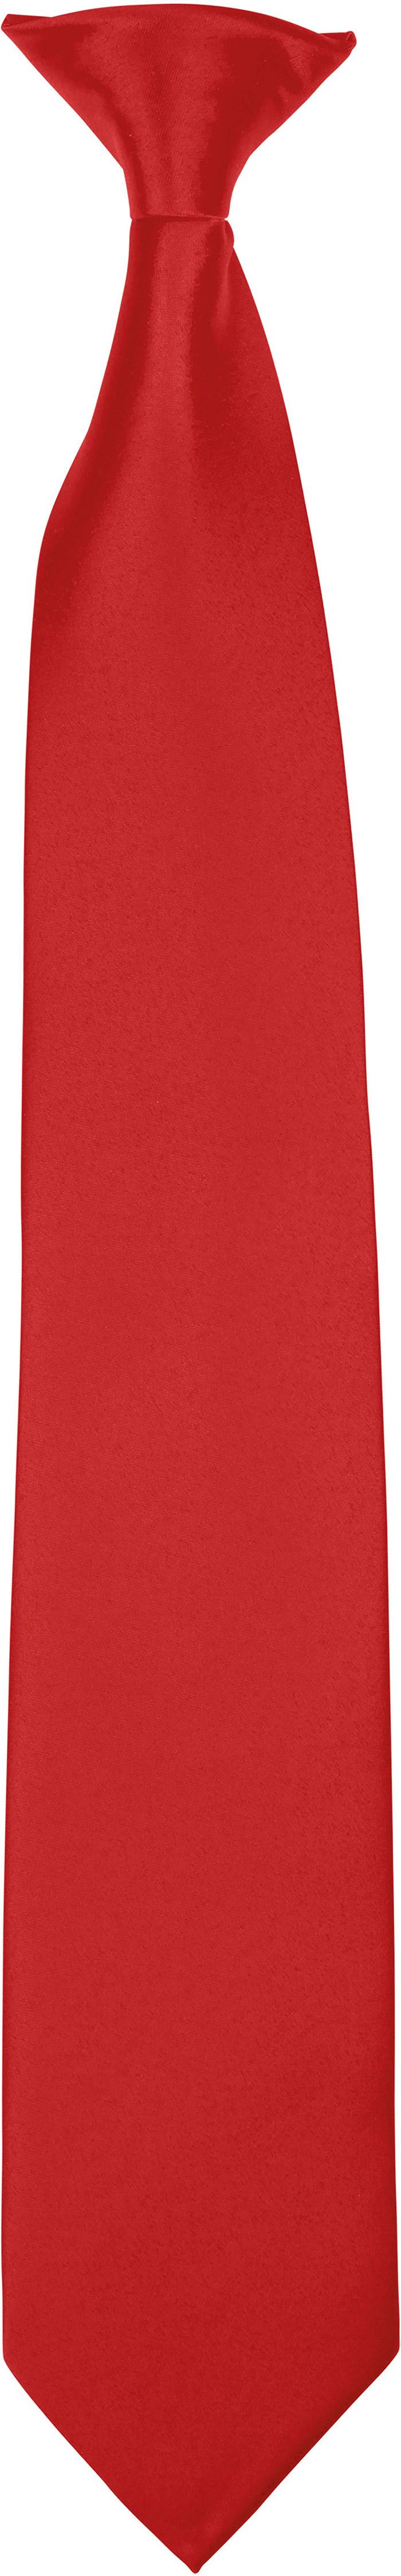 Cravate à clipper - K864